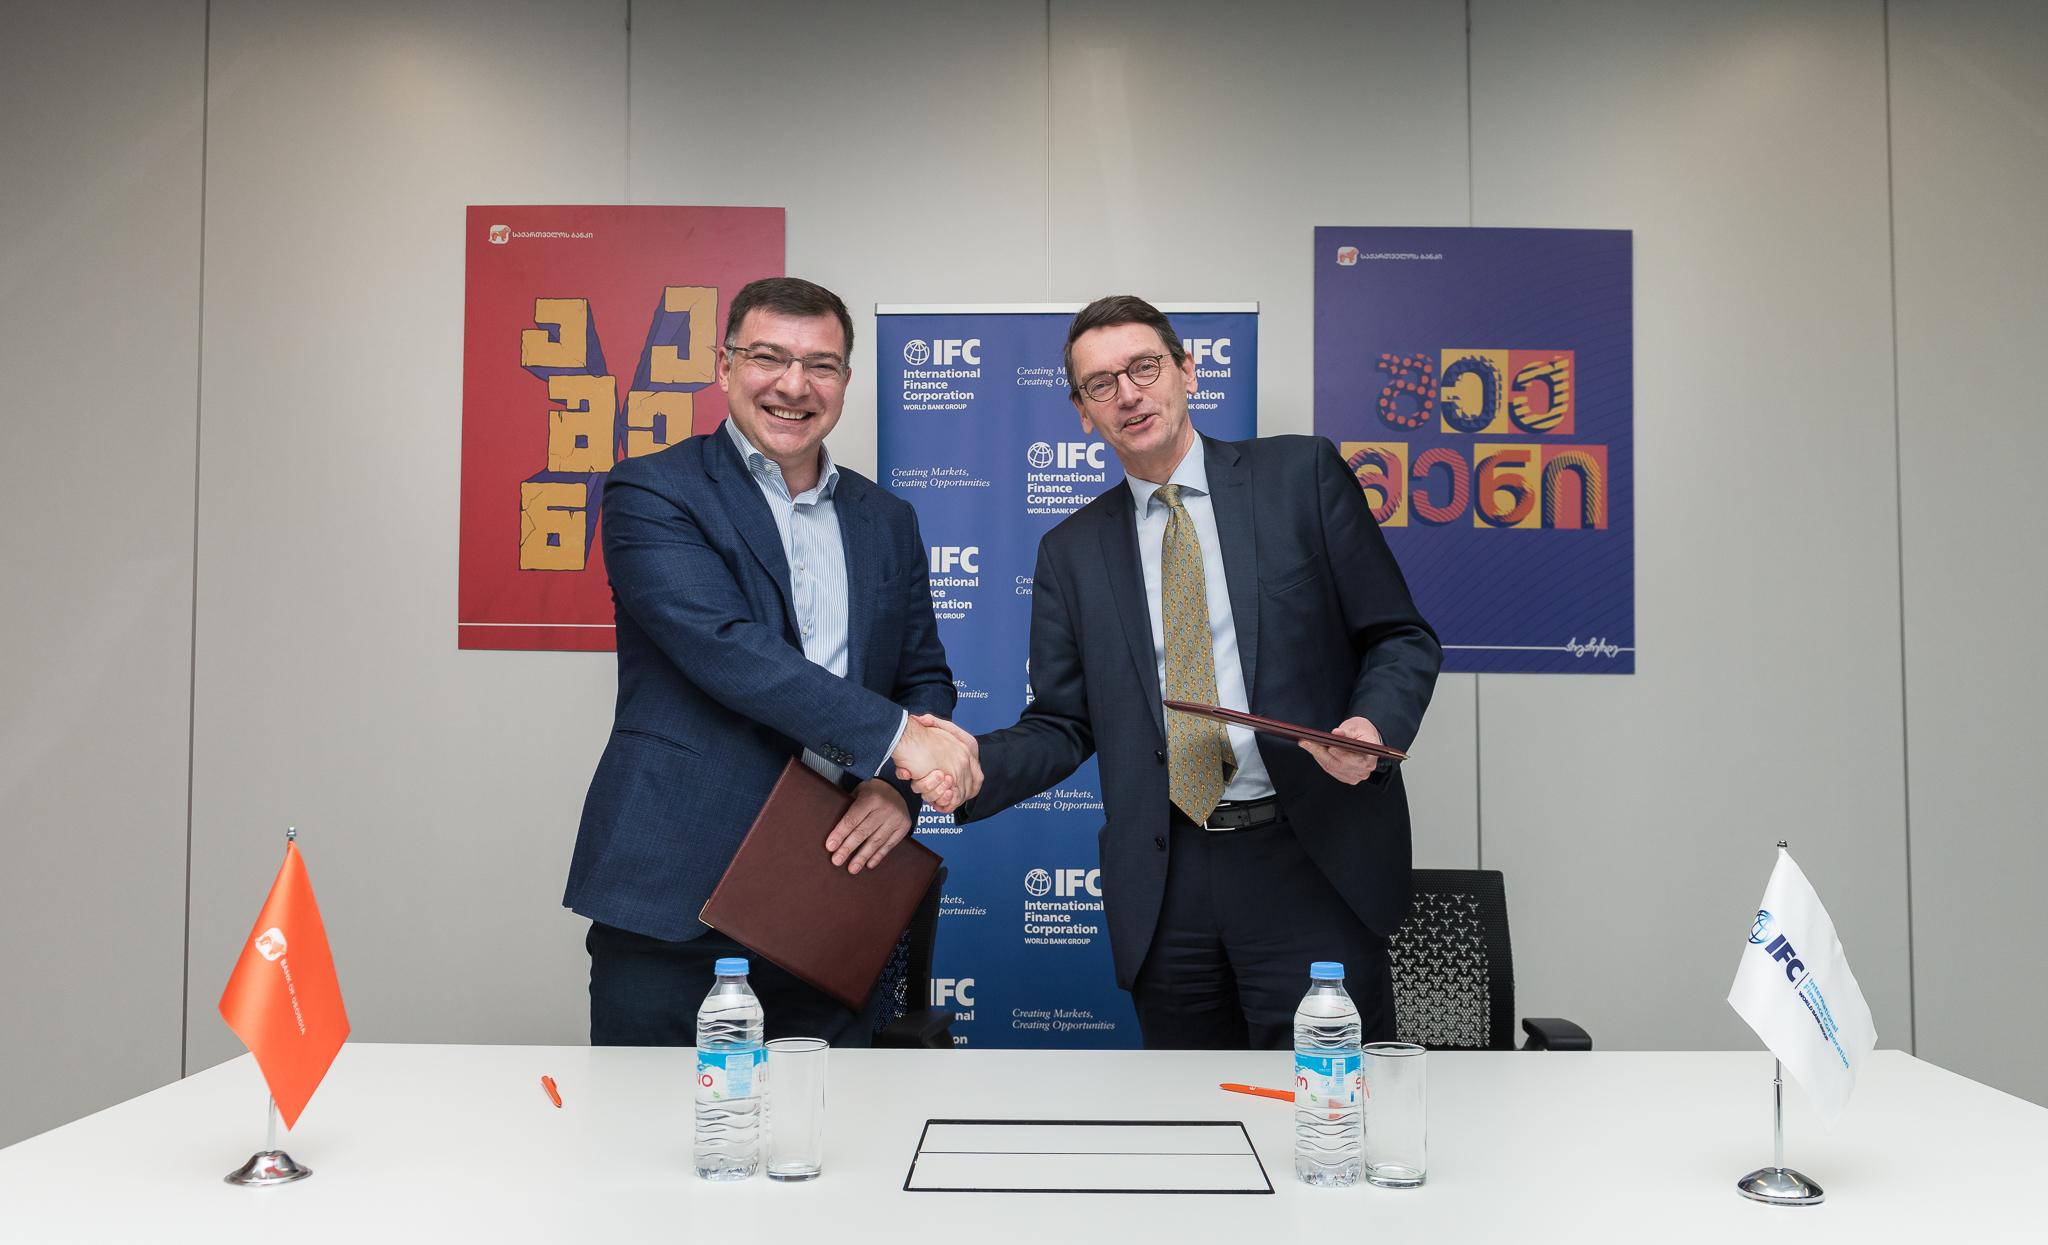 Photo of საქართველოს ბანკმა საერთაშორისო საფინანსო კორპორაციასთან (IFC) 100 მილიონი ლარის მოცულობის 5 წლიან სასესხო ხელშეკრულებას მოაწერა ხელი